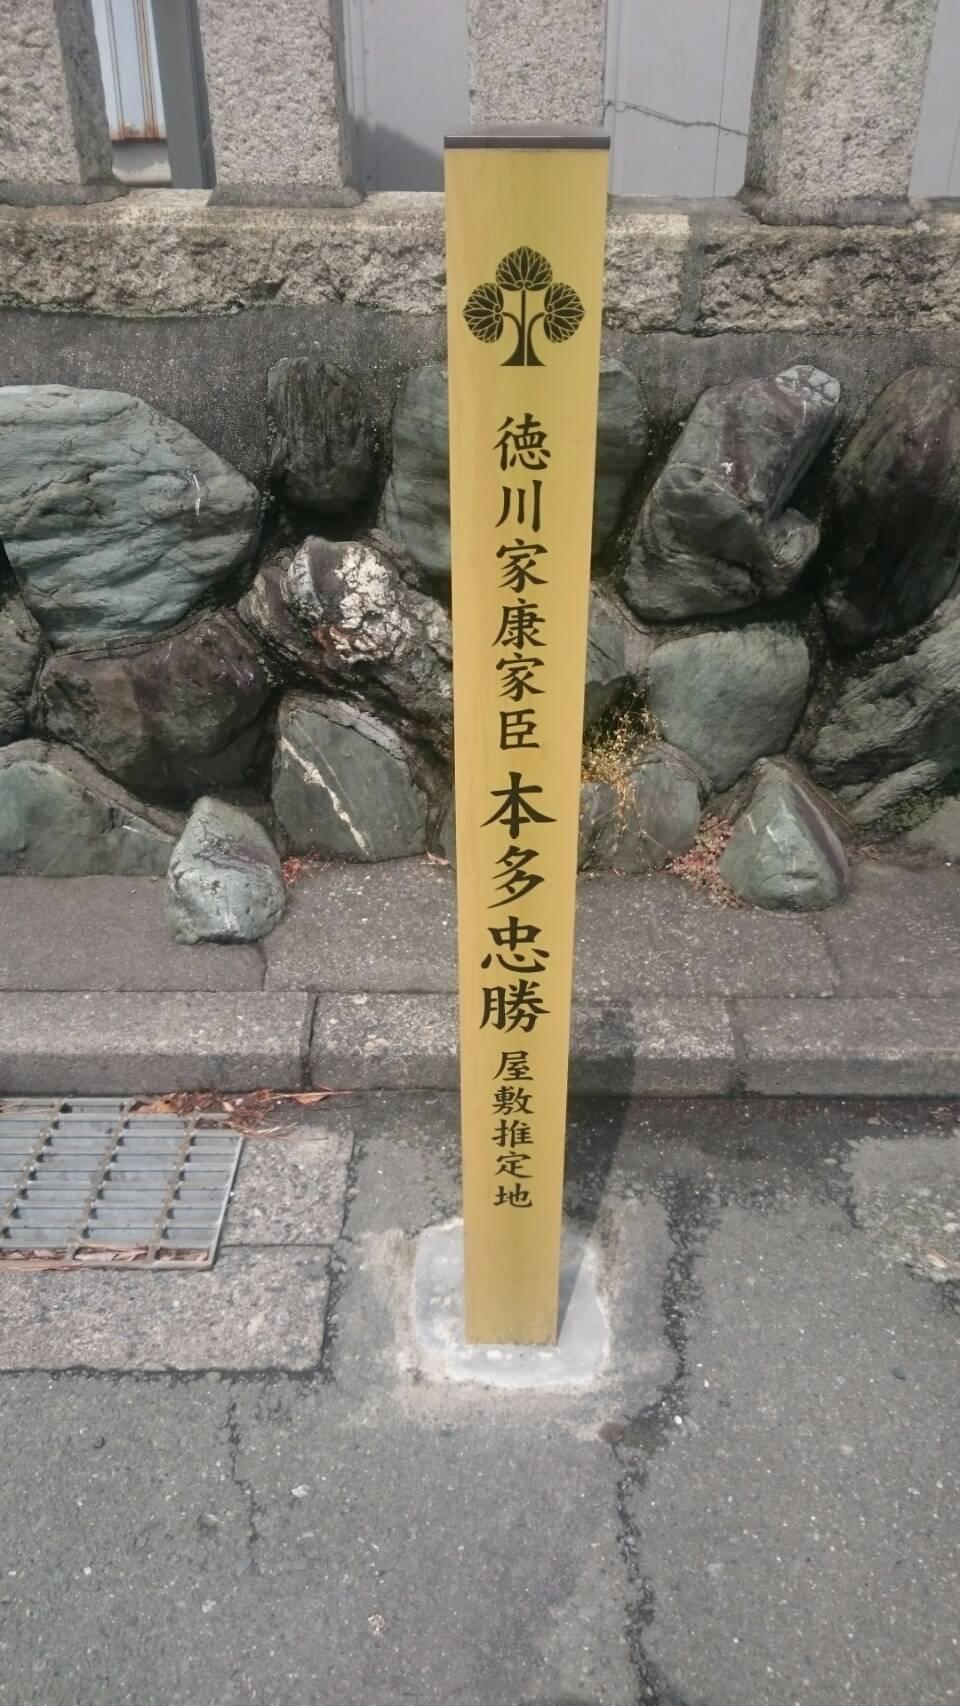 本多忠勝屋敷推定地(浜松市)